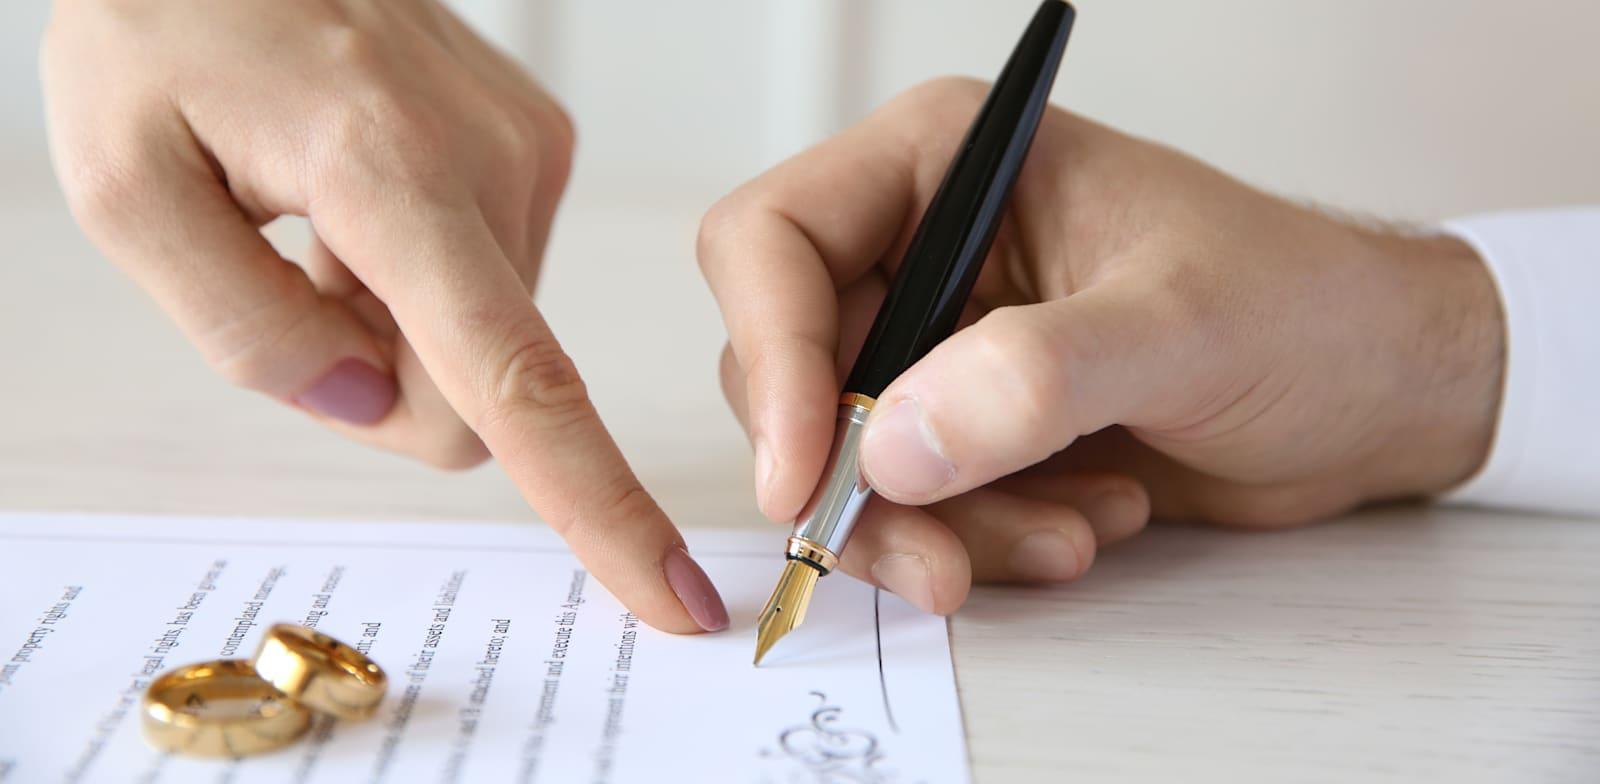 חוק יחסי ממון לא באמת נותן הגנה אמיתית לנכסים חיצוניים